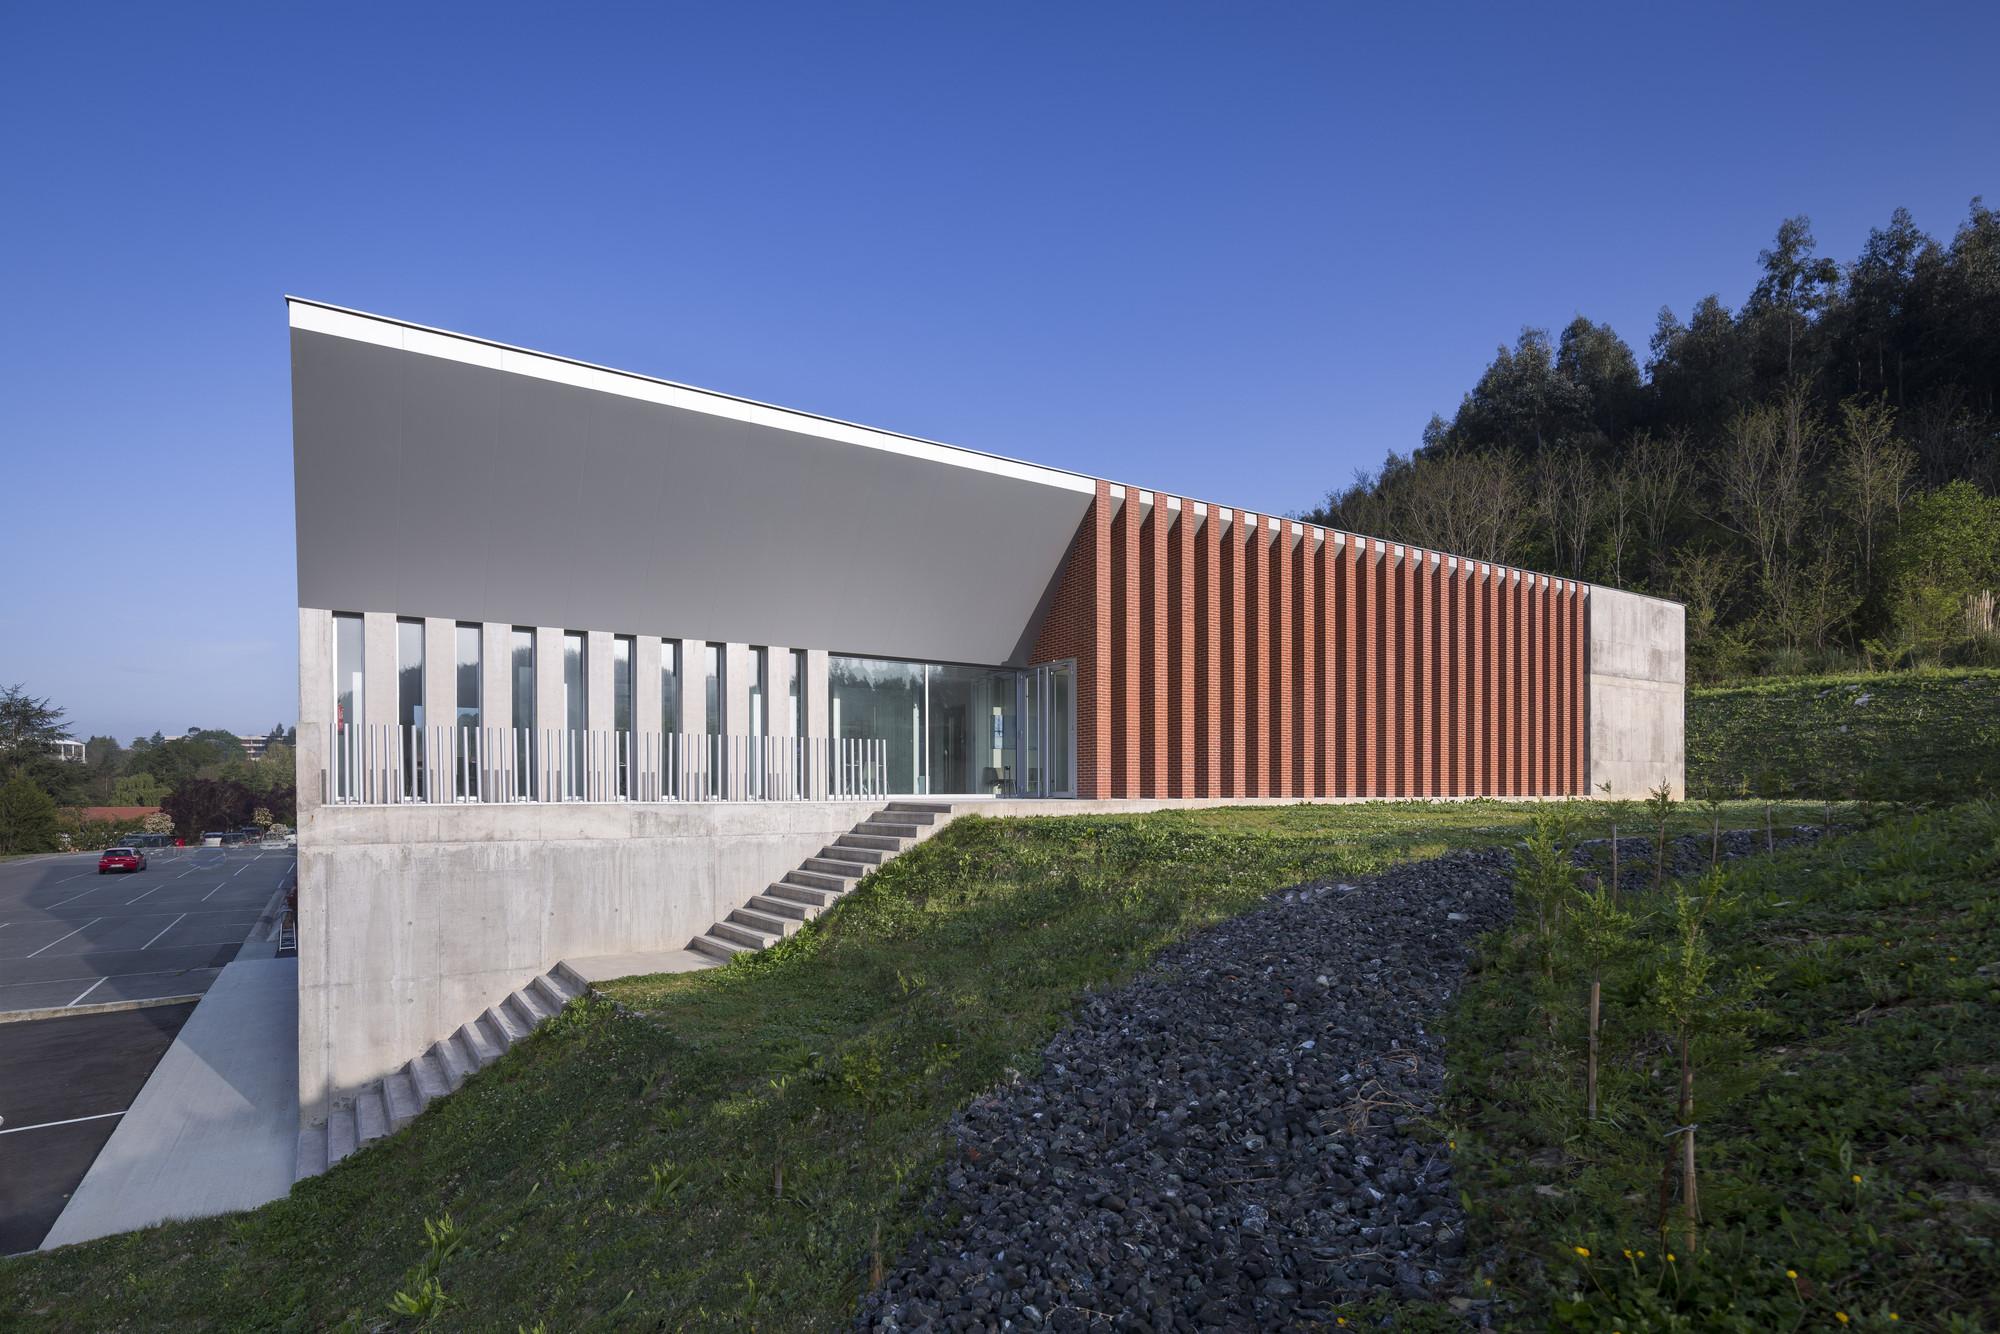 Oficinas y sede social coas otxotorena arquitectos for Oficinas arquitectura